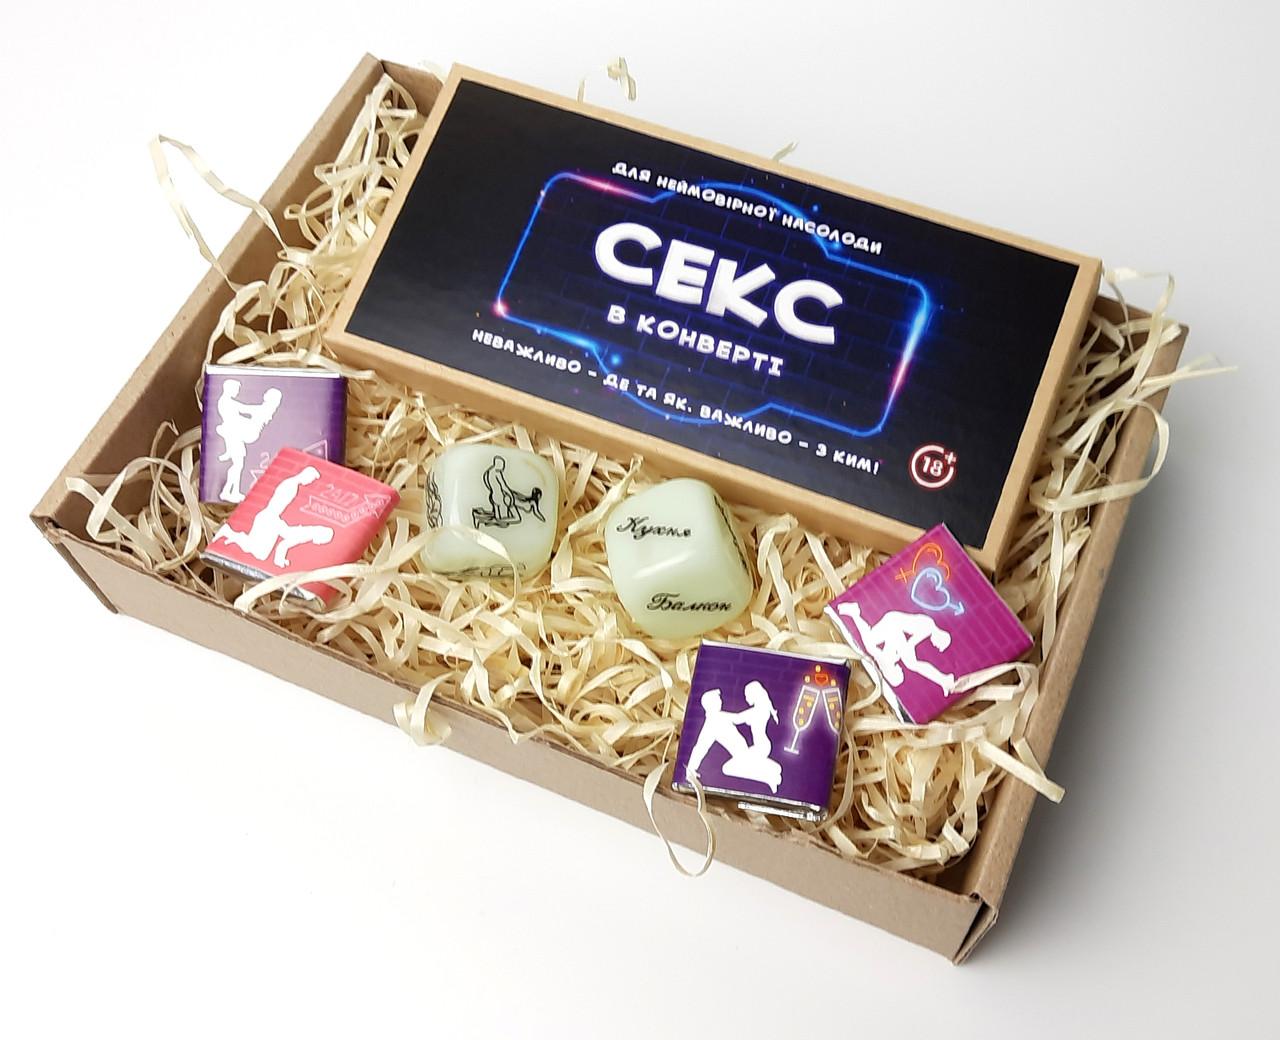 """Набор для взрослых """"Пикантный вечер"""": секс в конверте, кубики с позами, шоколадная камасутра"""